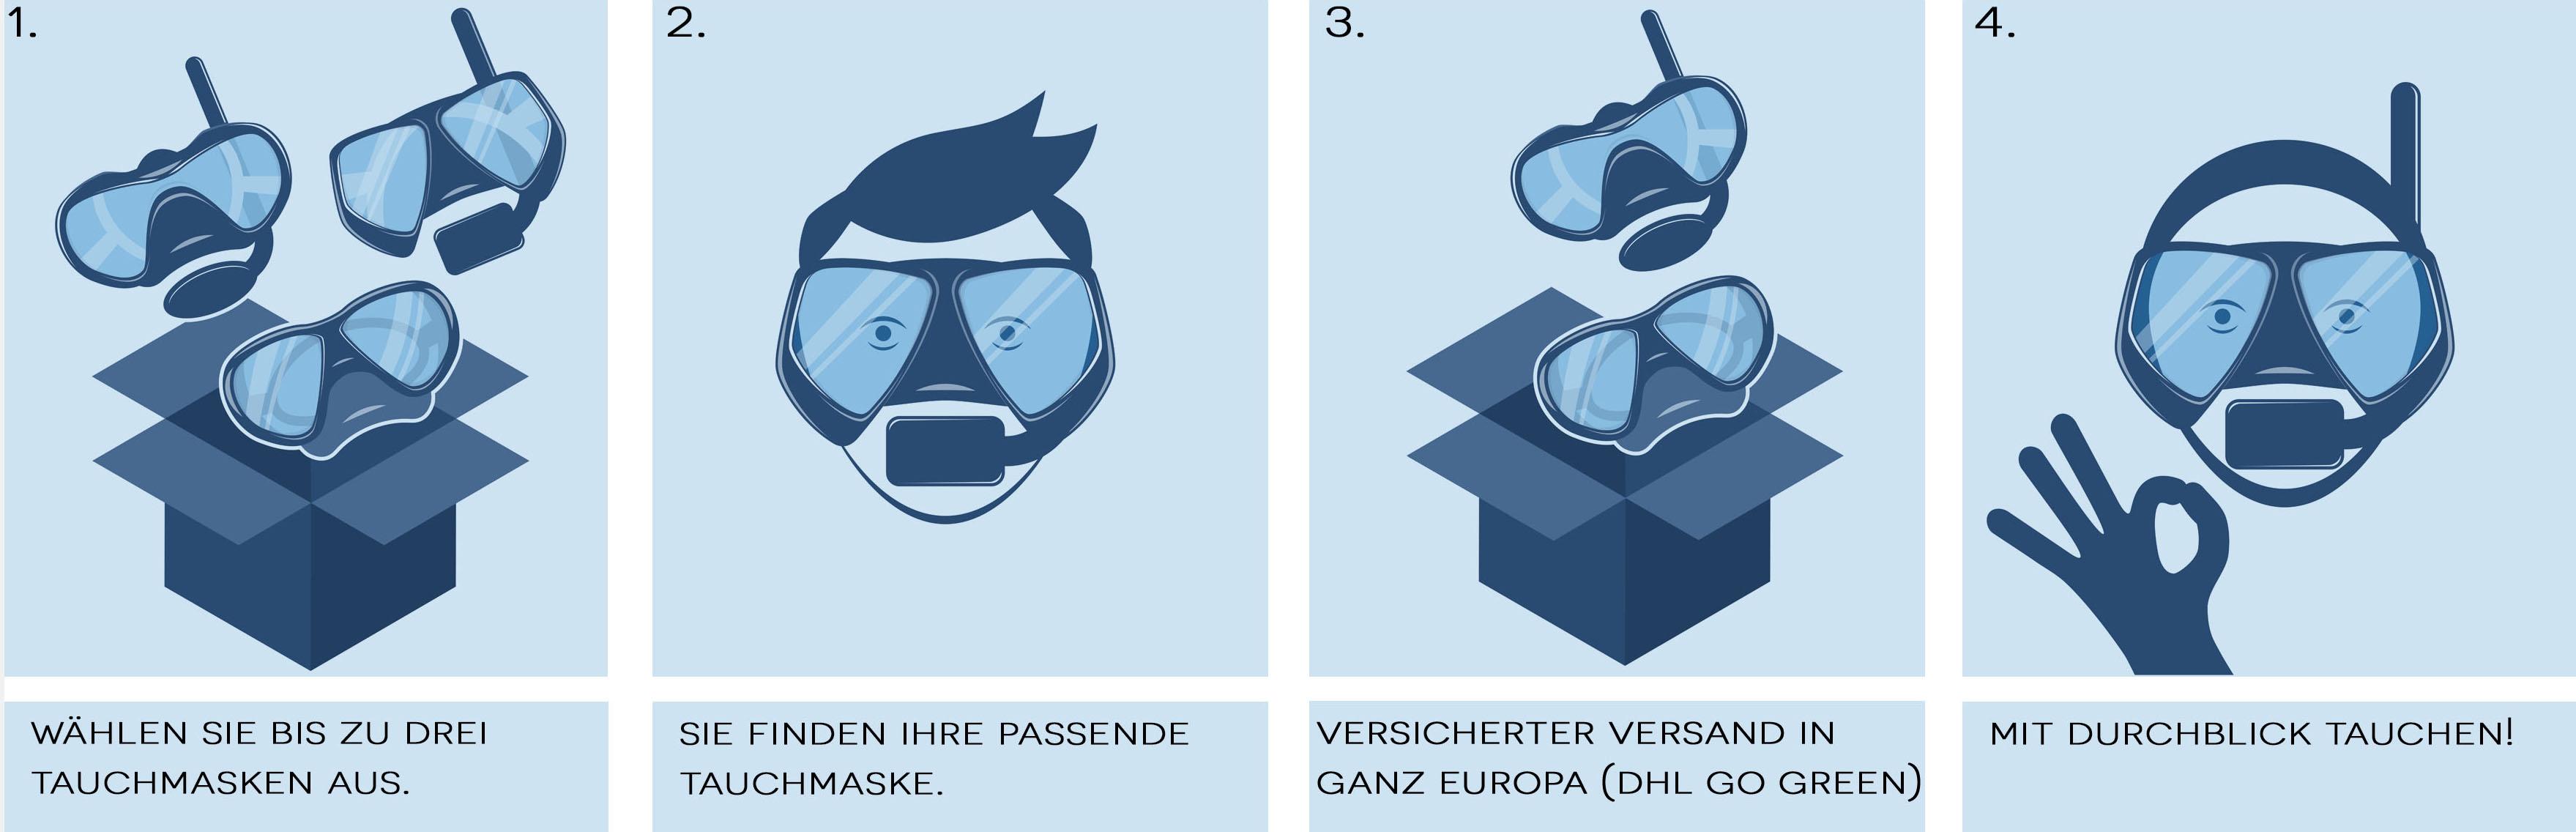 Ansichtssendung bestellen in drei Schritten